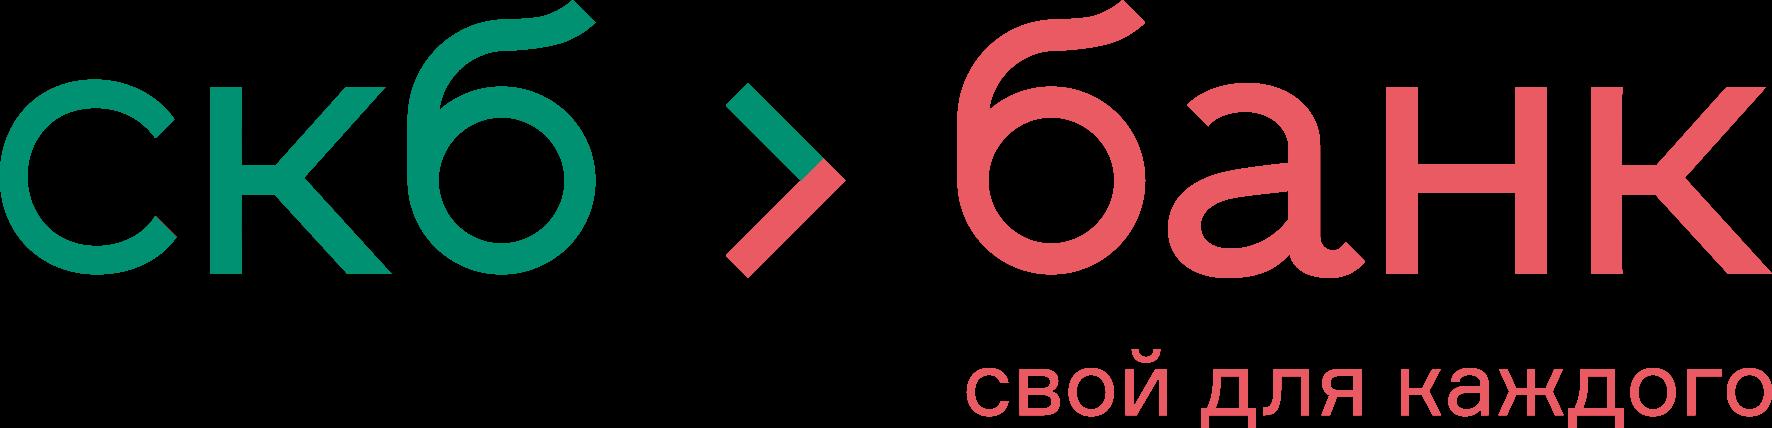 кредит под залог земельного участка в иркутске получить кредит в почта банке наличными без справок и поручителей отзывы